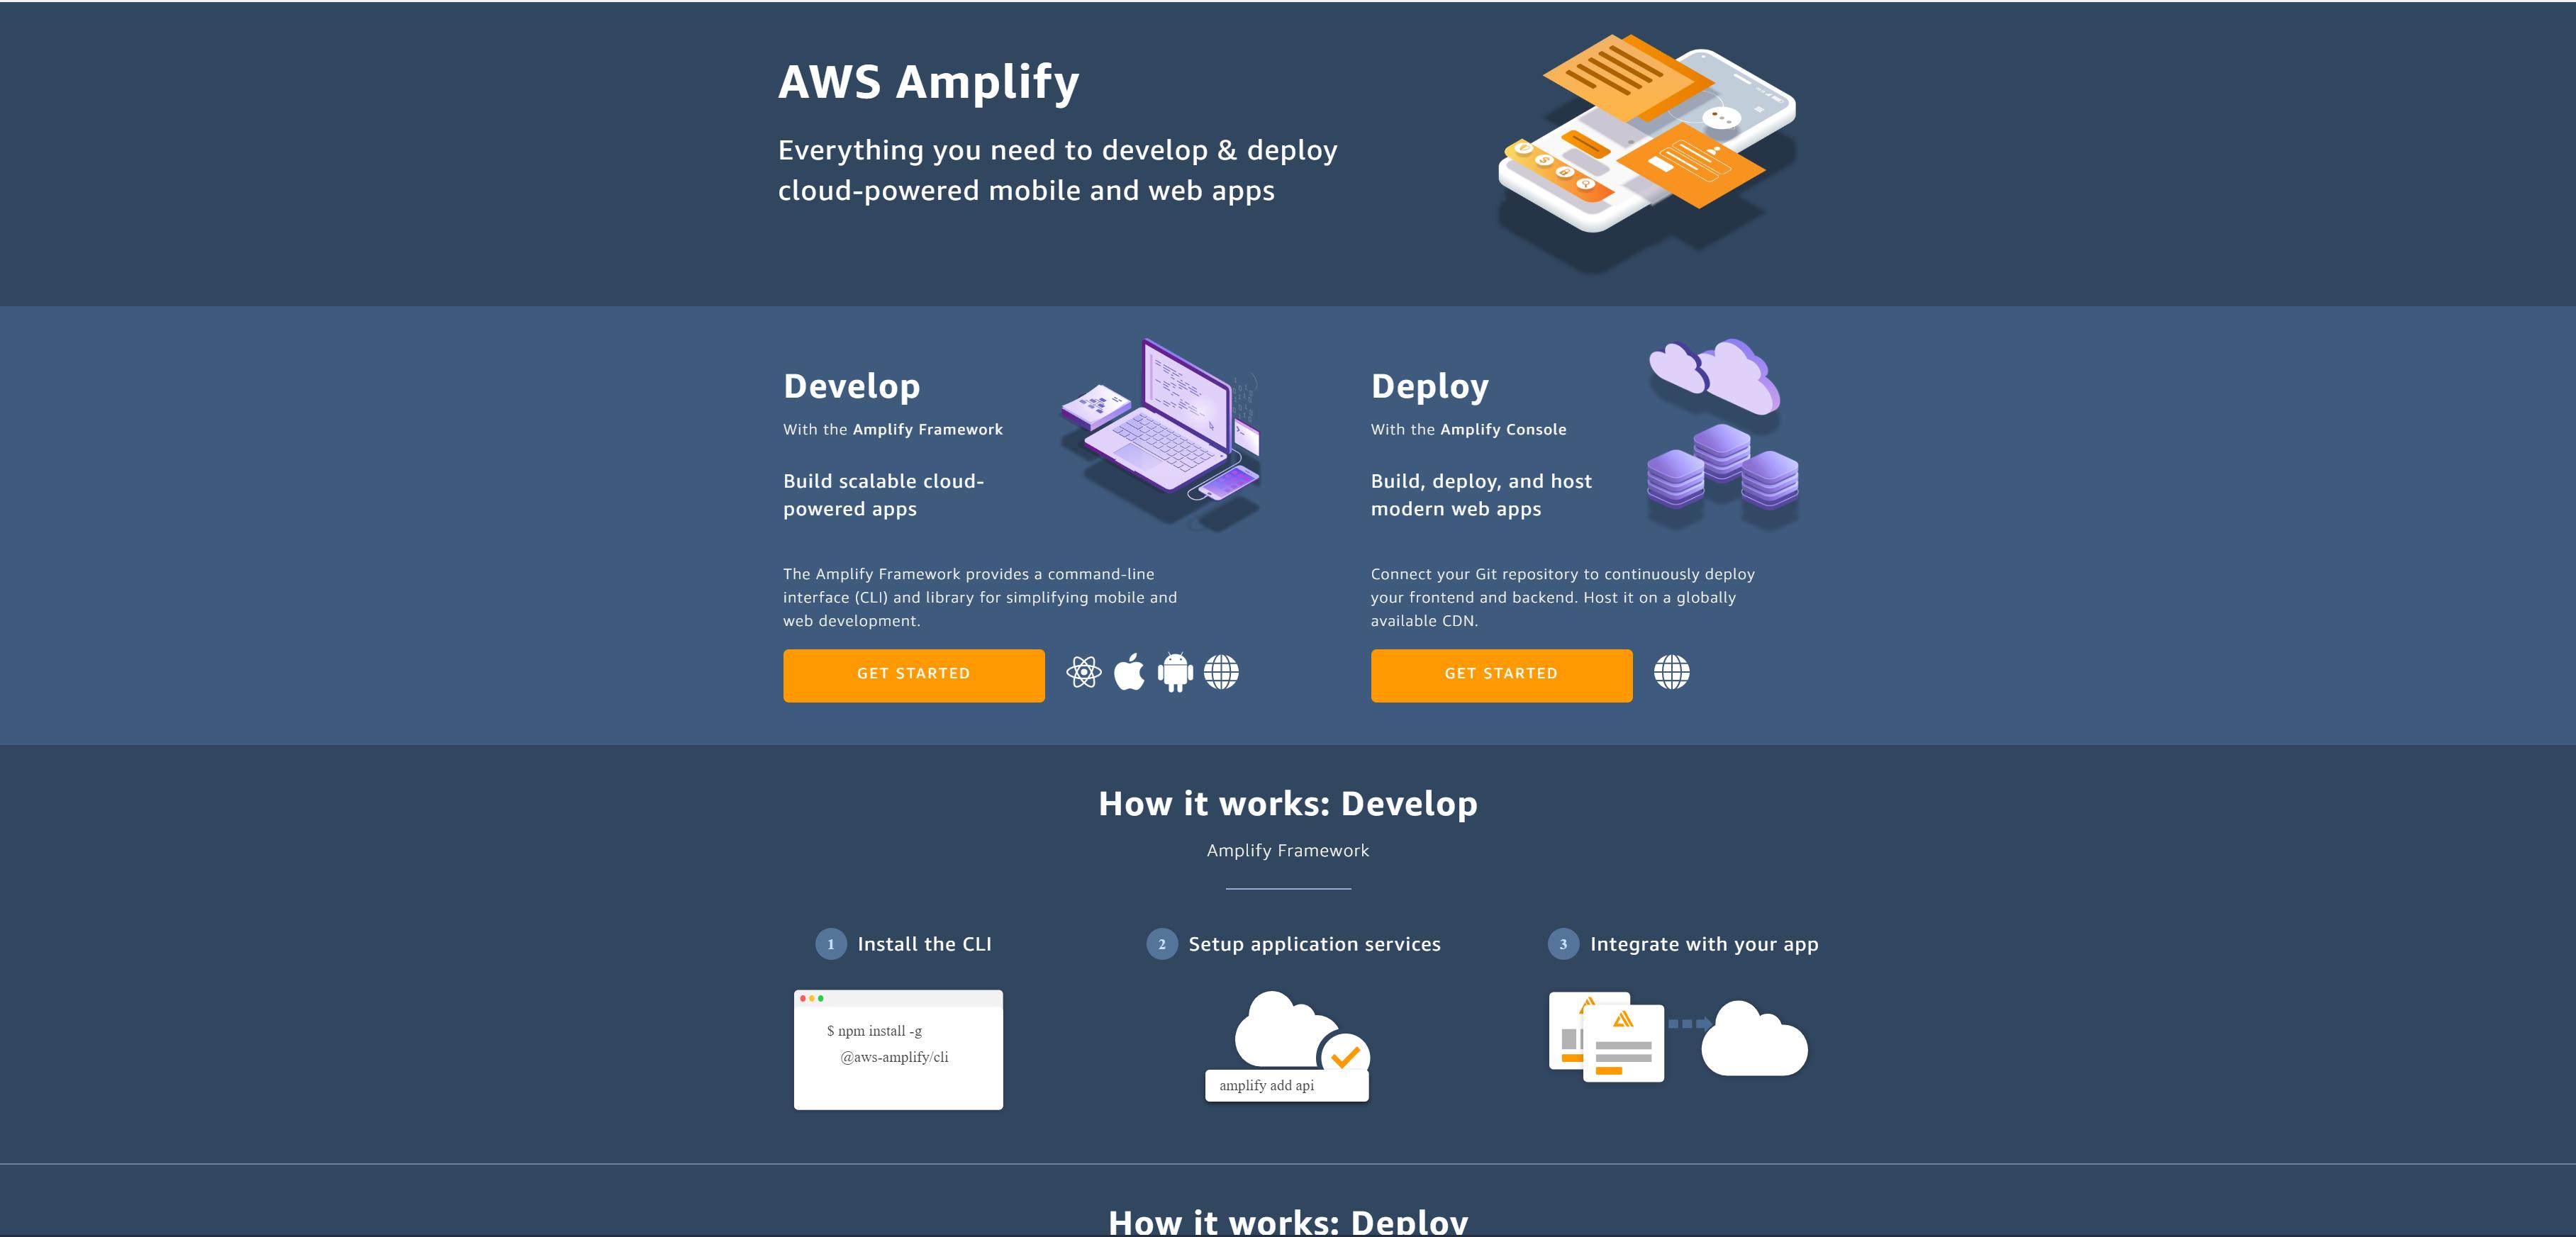 AWS Amplify